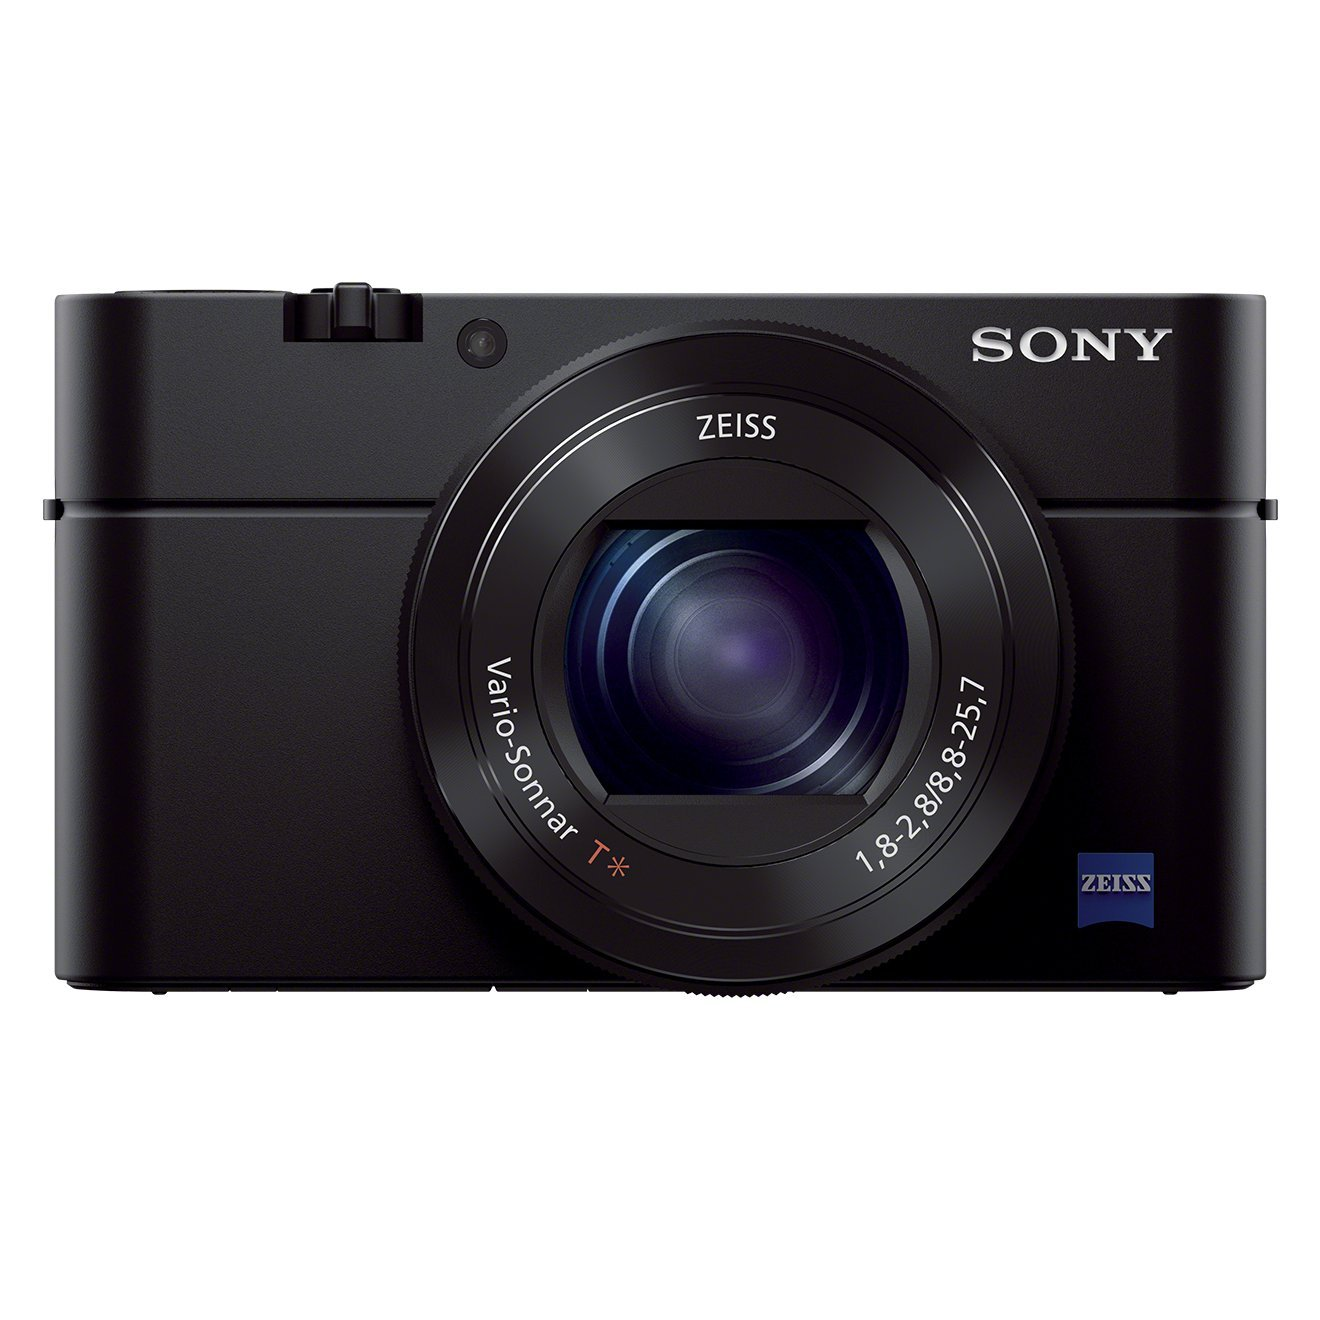 Sony Cyber Shot DSC RX100 MIII